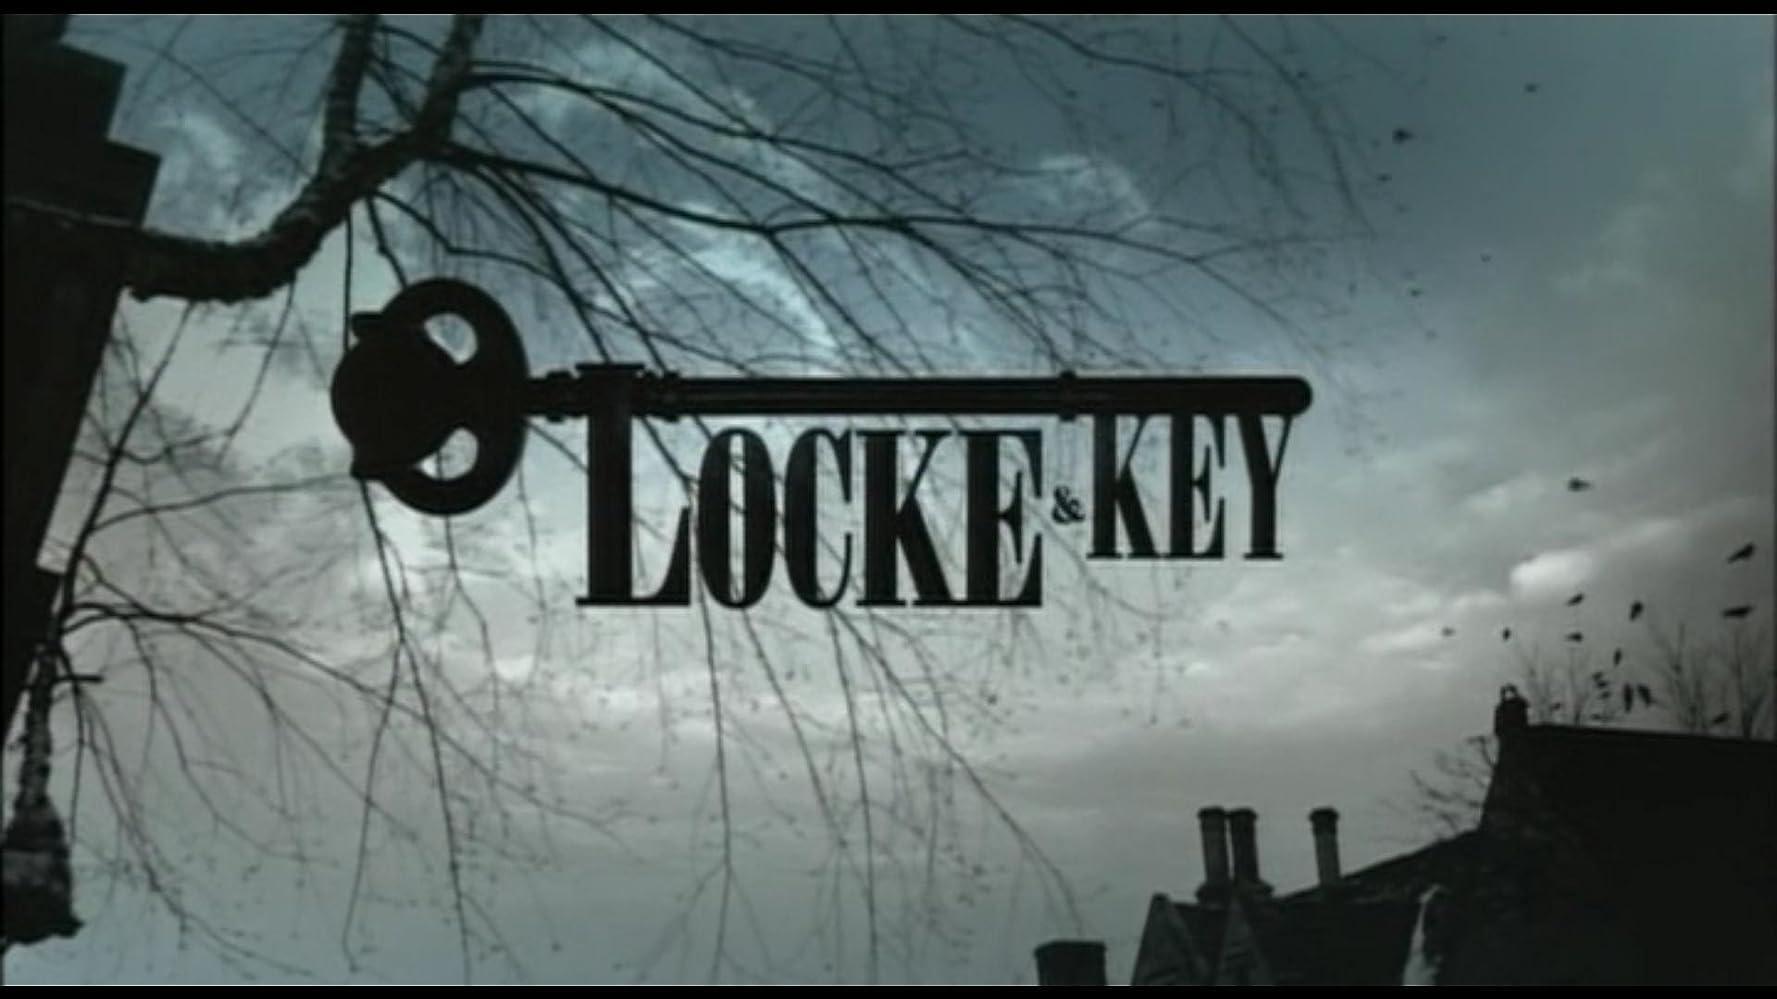 Locke & Key (2011)